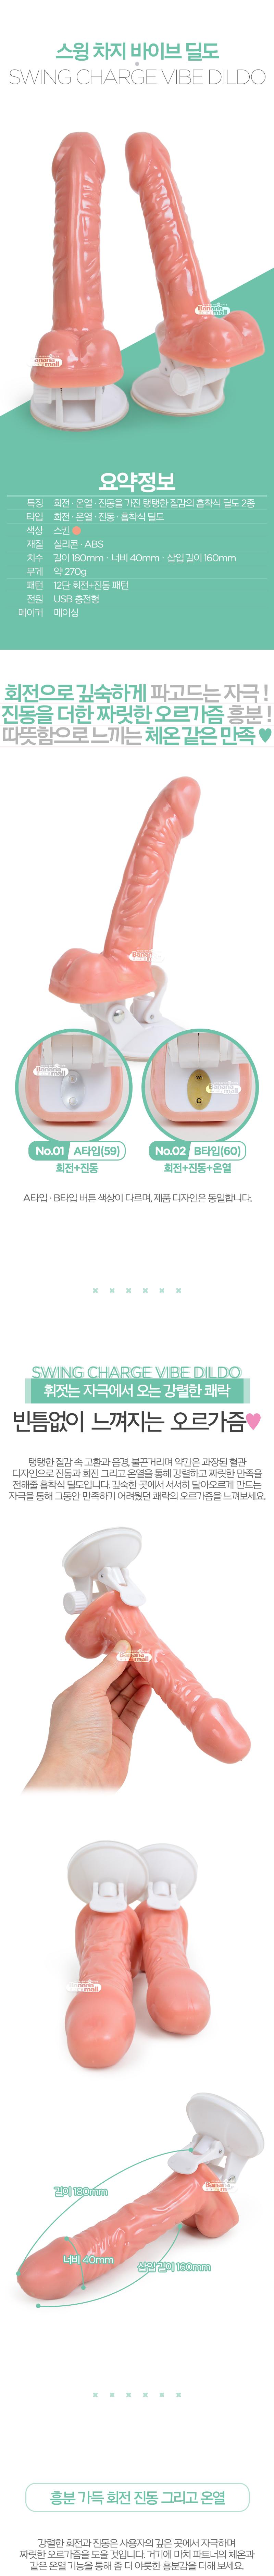 [12단 회전+진동+온열] 스윙 차지 바이브 딜도(Swing Charge Vibe Dildo)